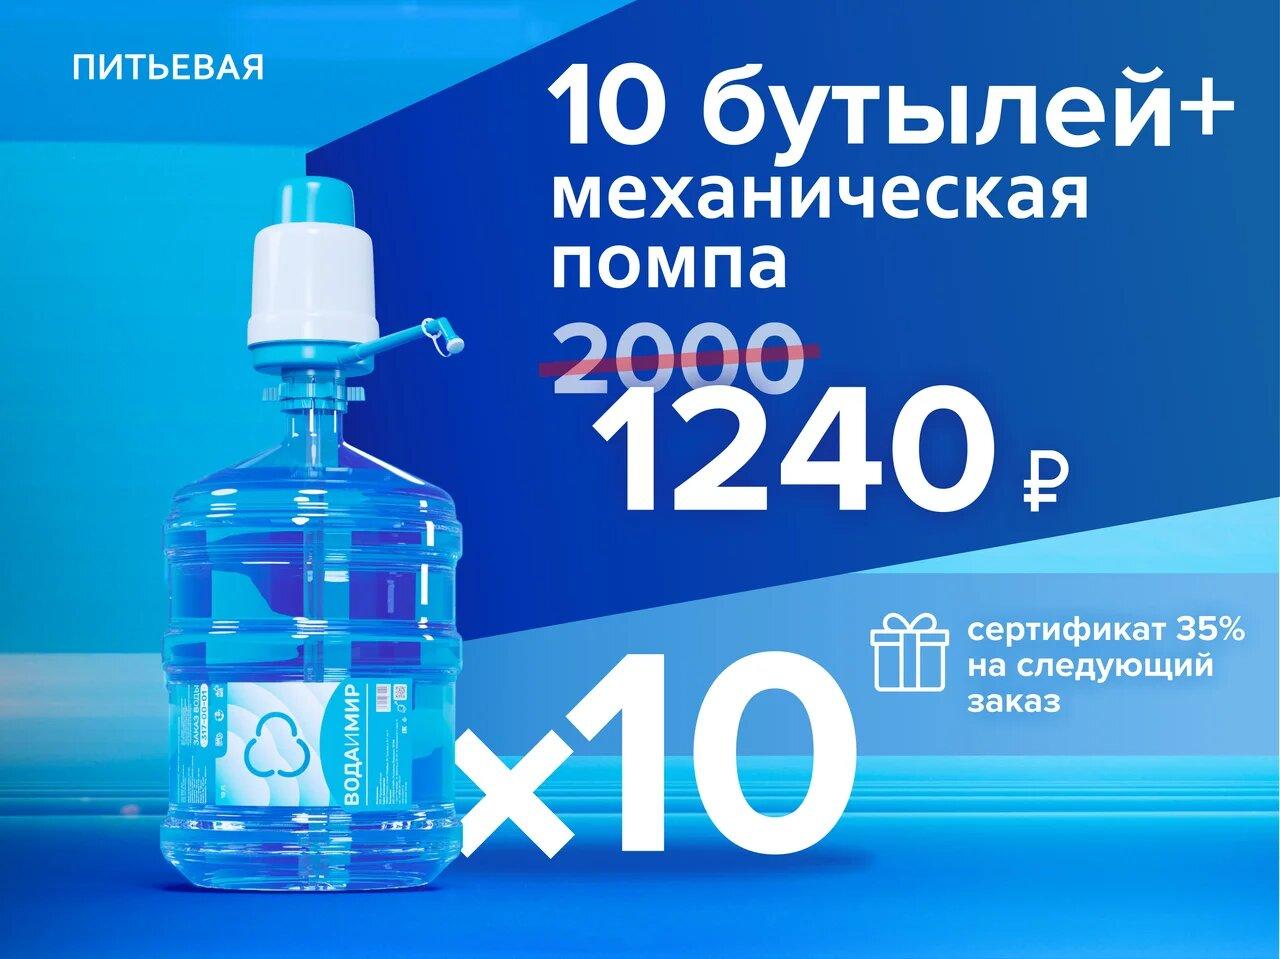 Питьевая вода мех. помпа х10